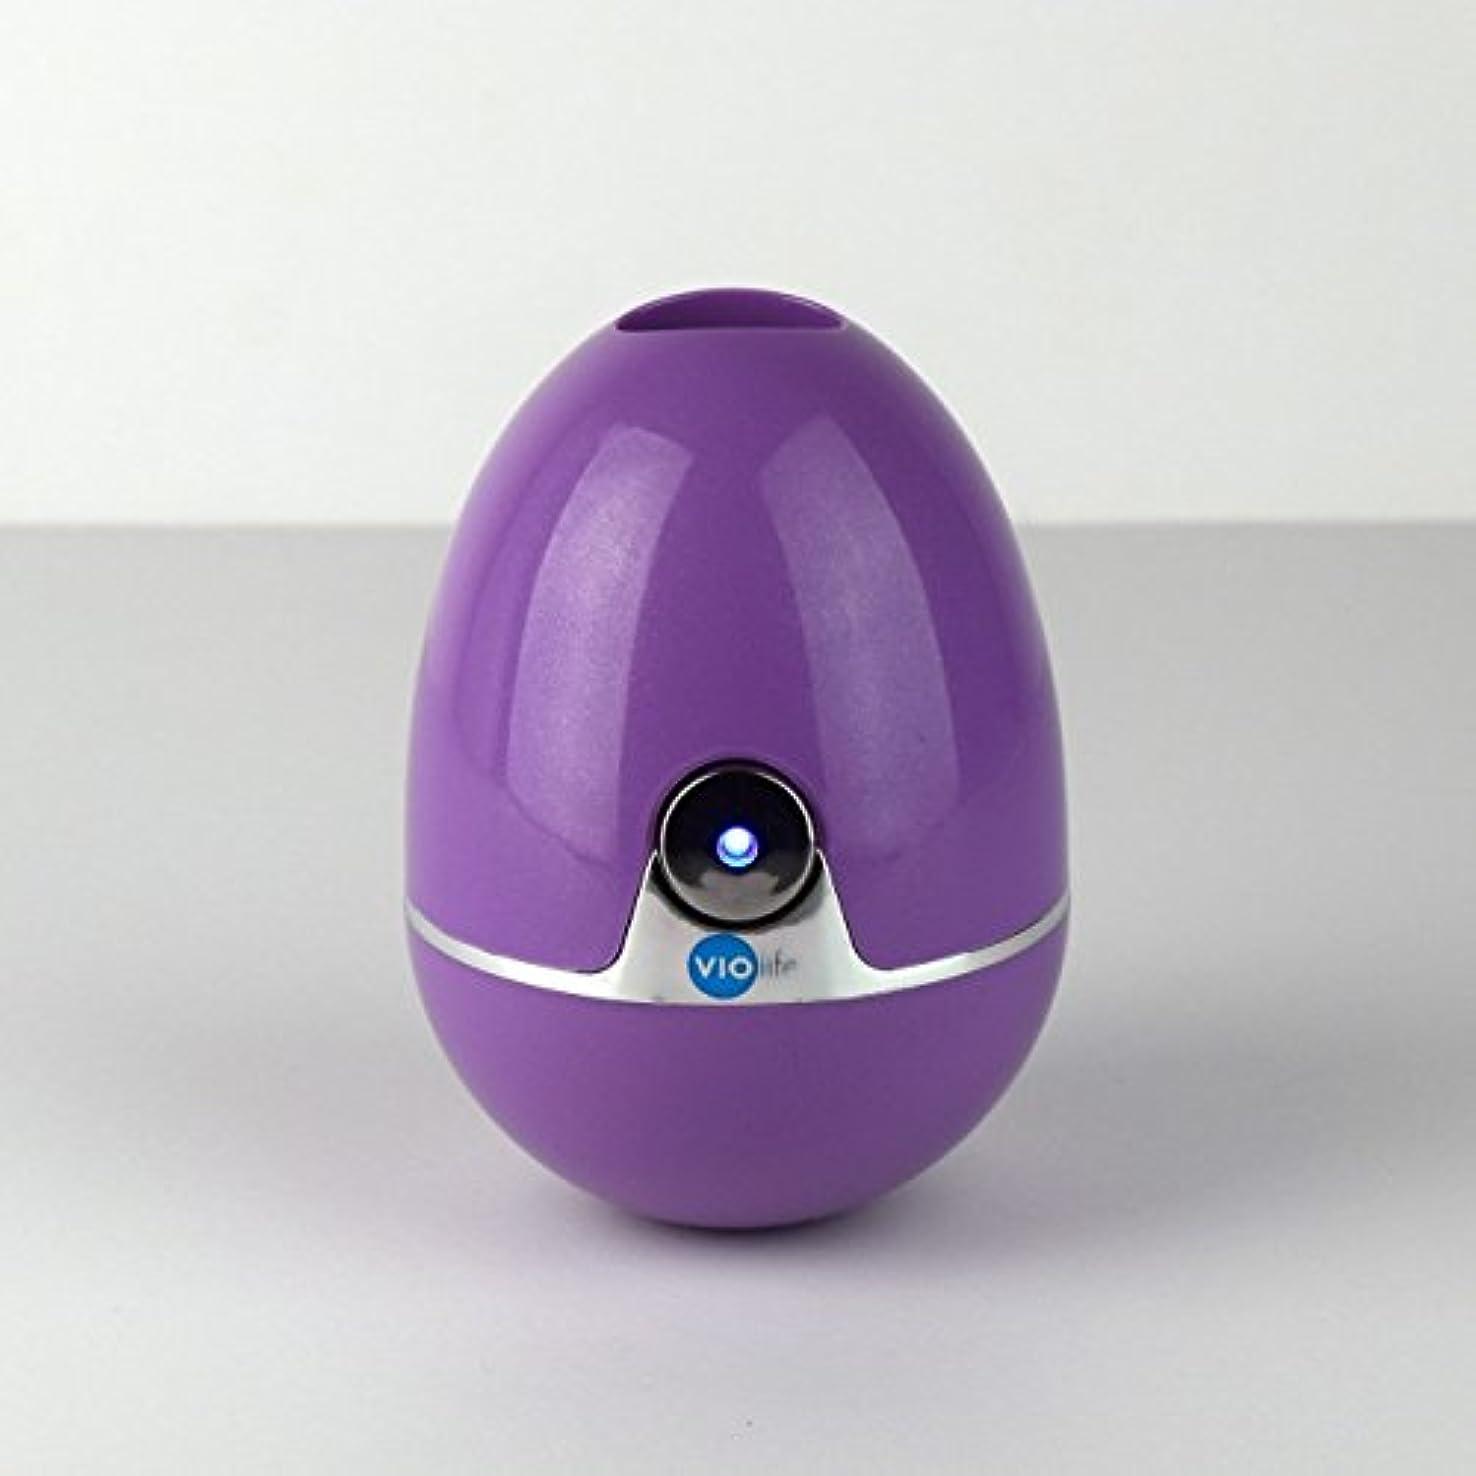 ドロップ主要な日光VIOlife Style Zapi Luxe UV Toothbrush Sanitizer, Purple/Lavender, 6.3 Ounce